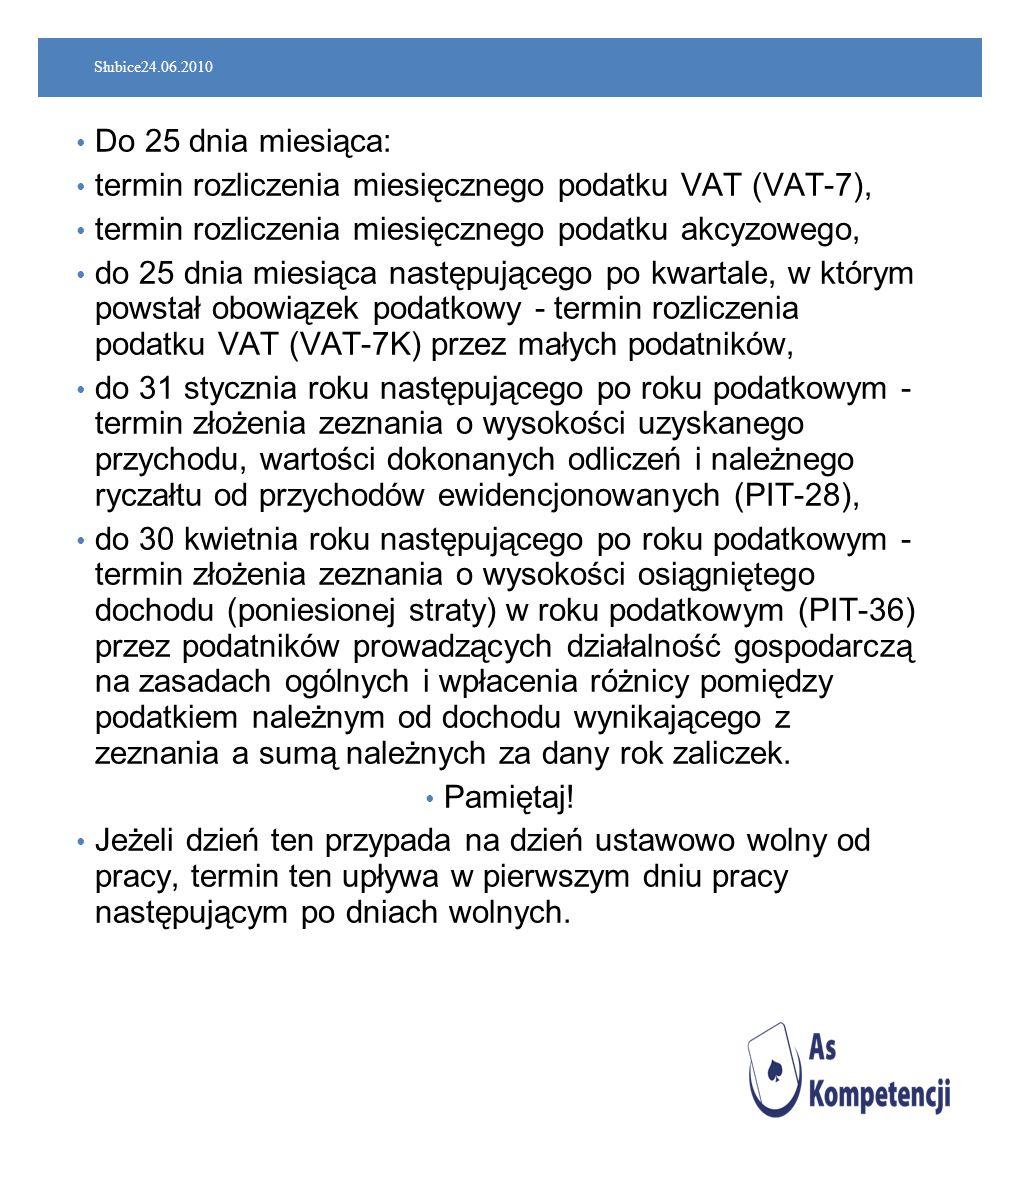 termin rozliczenia miesięcznego podatku VAT (VAT-7),